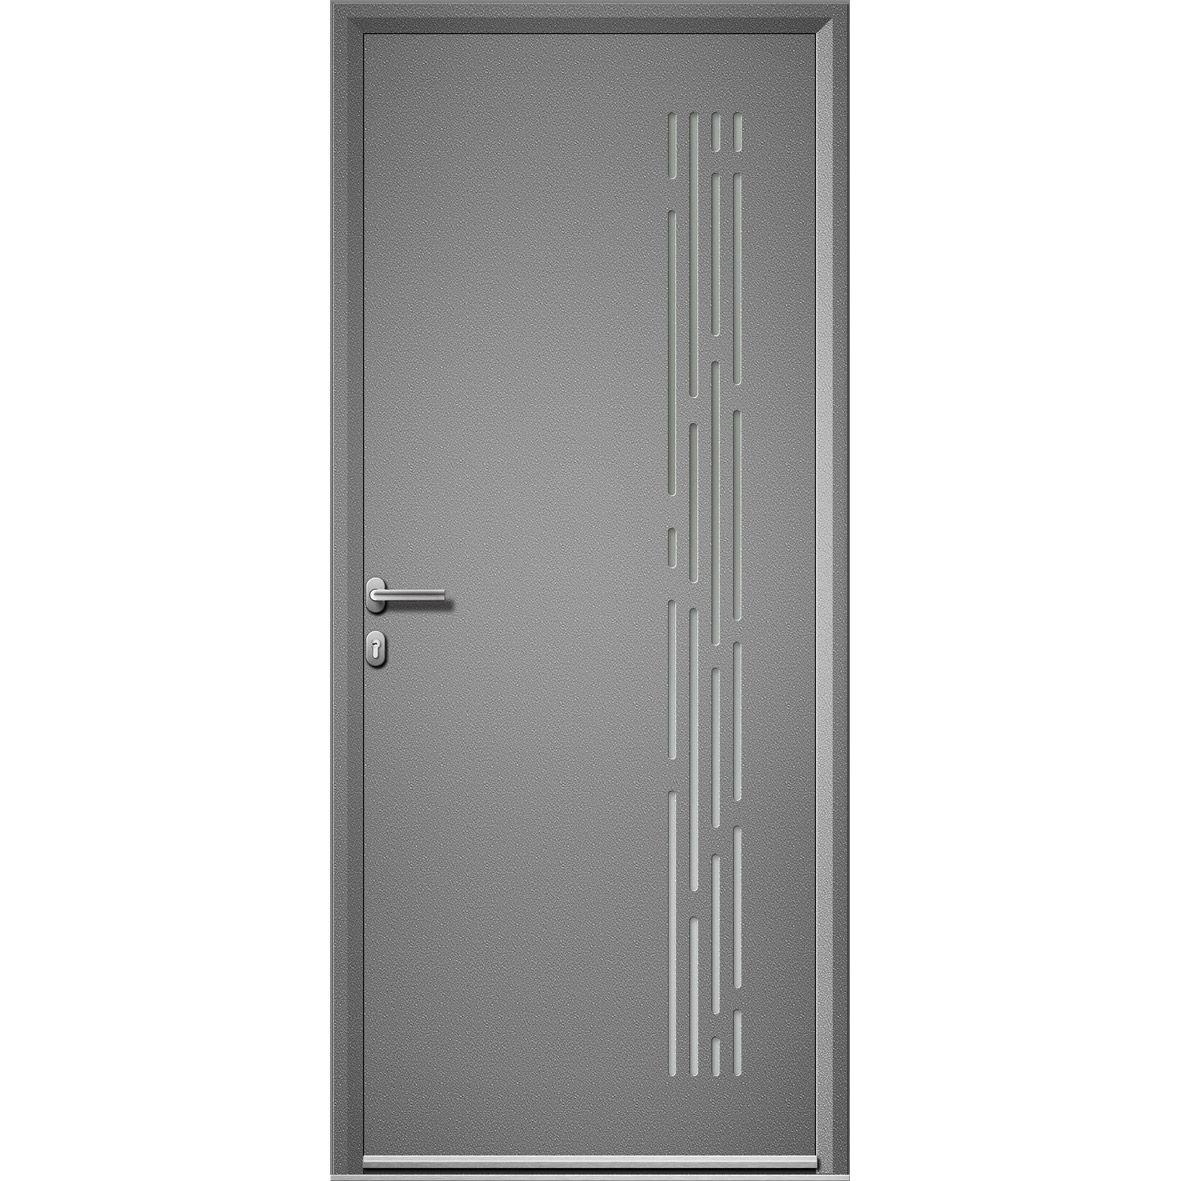 Porte Entree Vitree Leroy Merlin concernant porte entrée maison aluminium nordfolk artens poussant gauche, h215